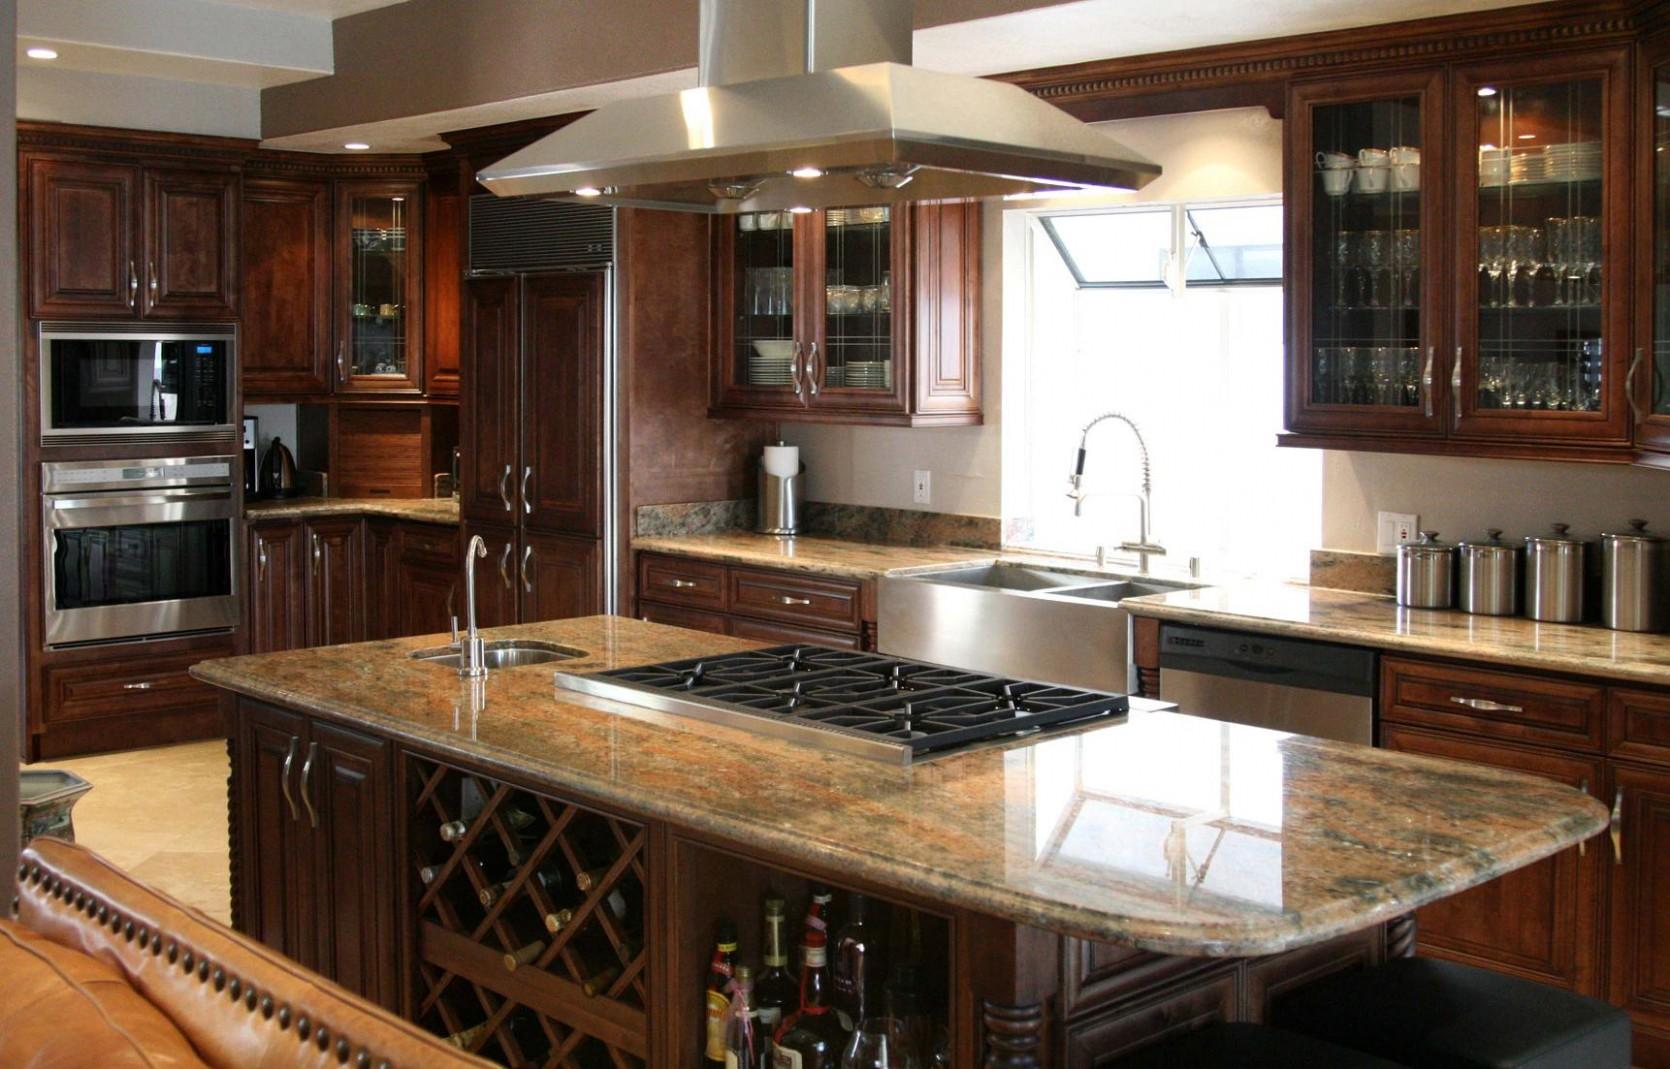 Kitchen Image - Kitchen & Bathroom Design Center - Titan Maple Glaze Kitchen Cabinets